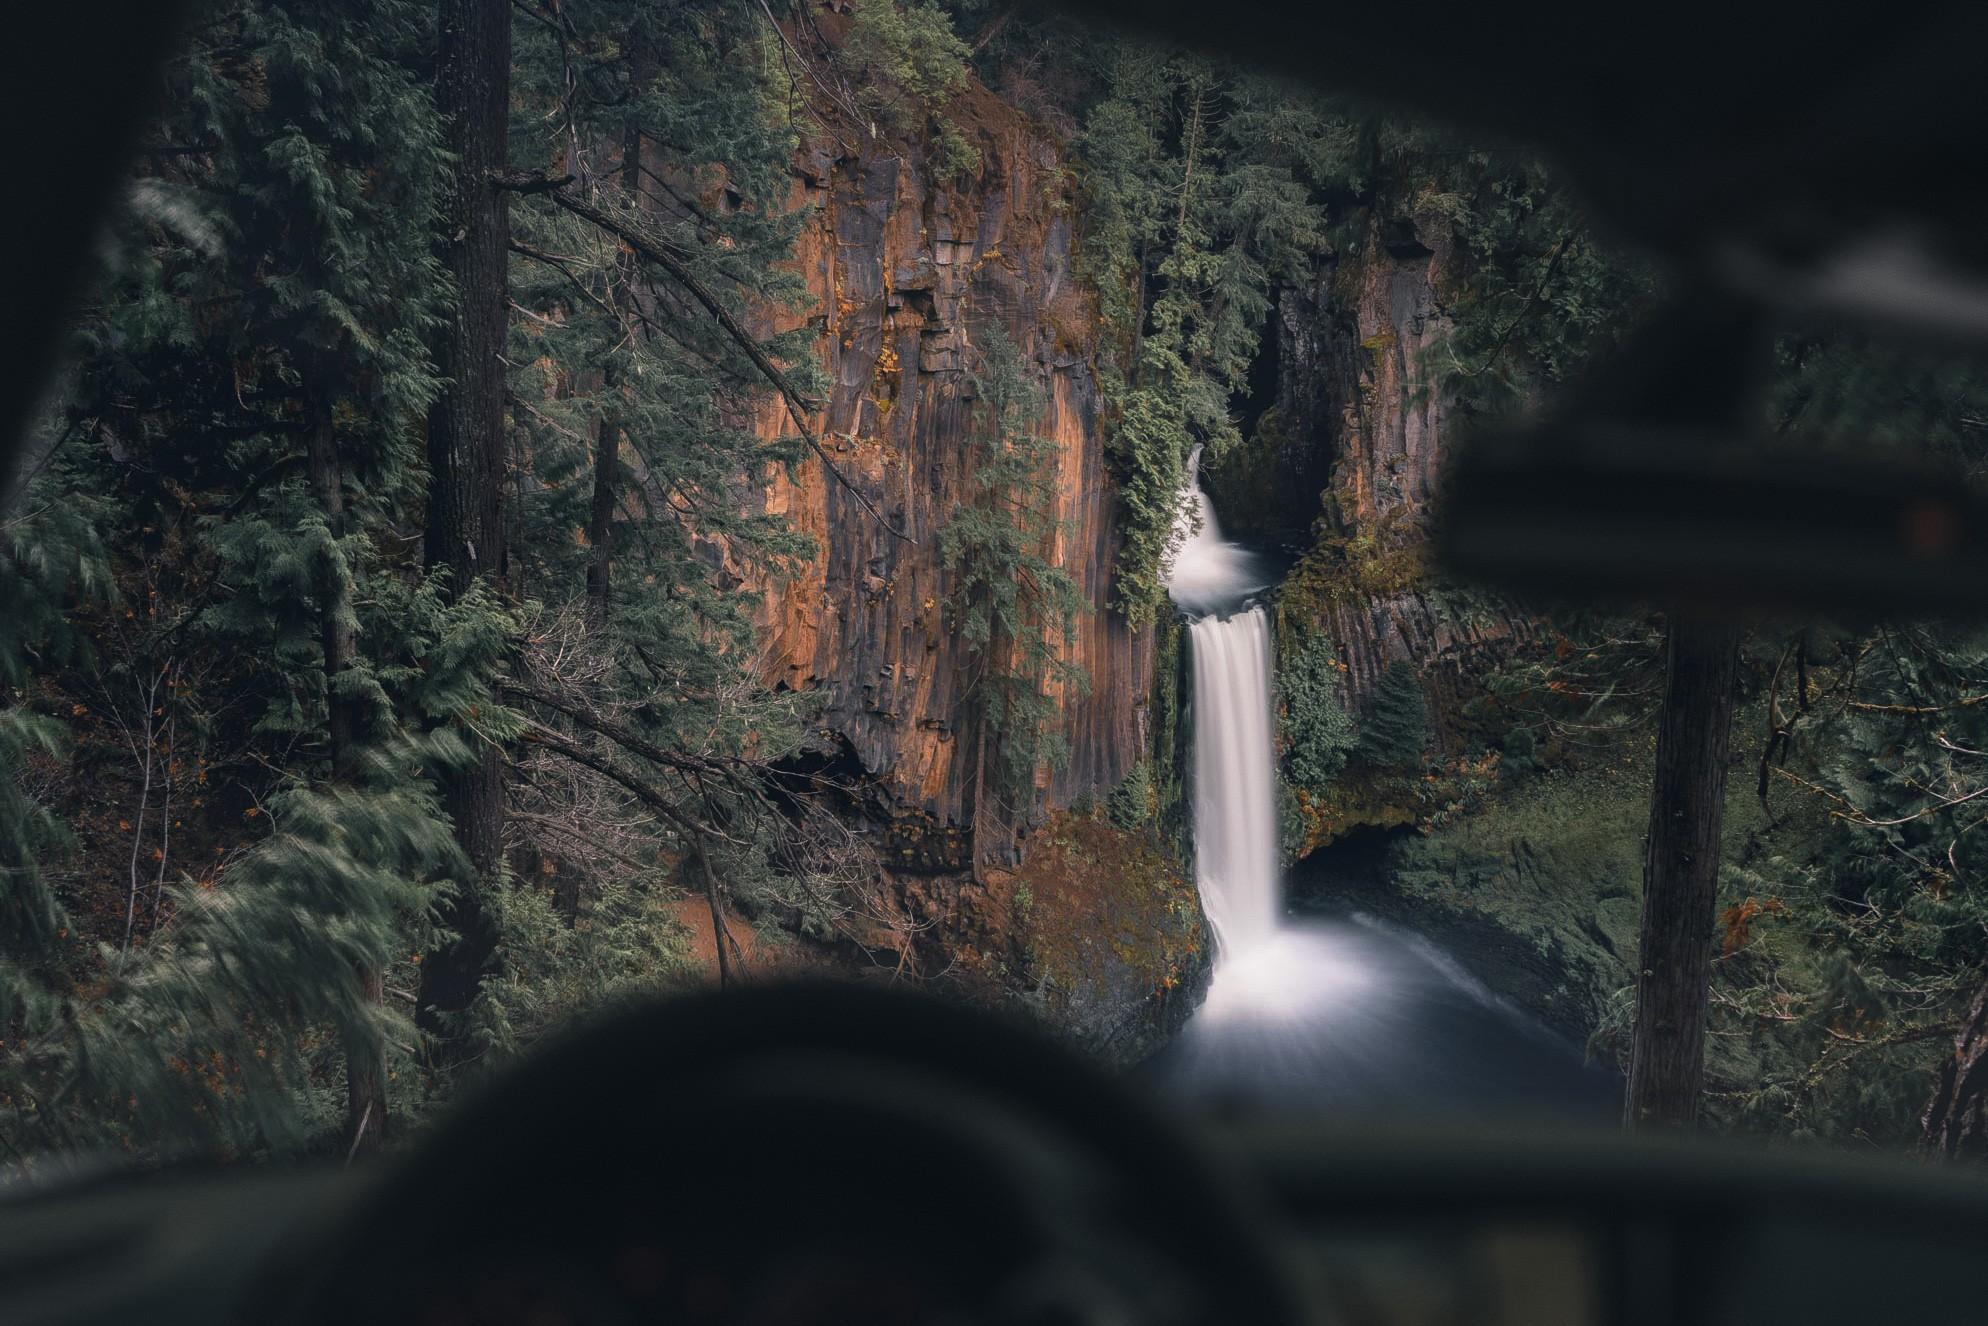 cristofer_jeschke_oregon_pnw_waterfall.jpg